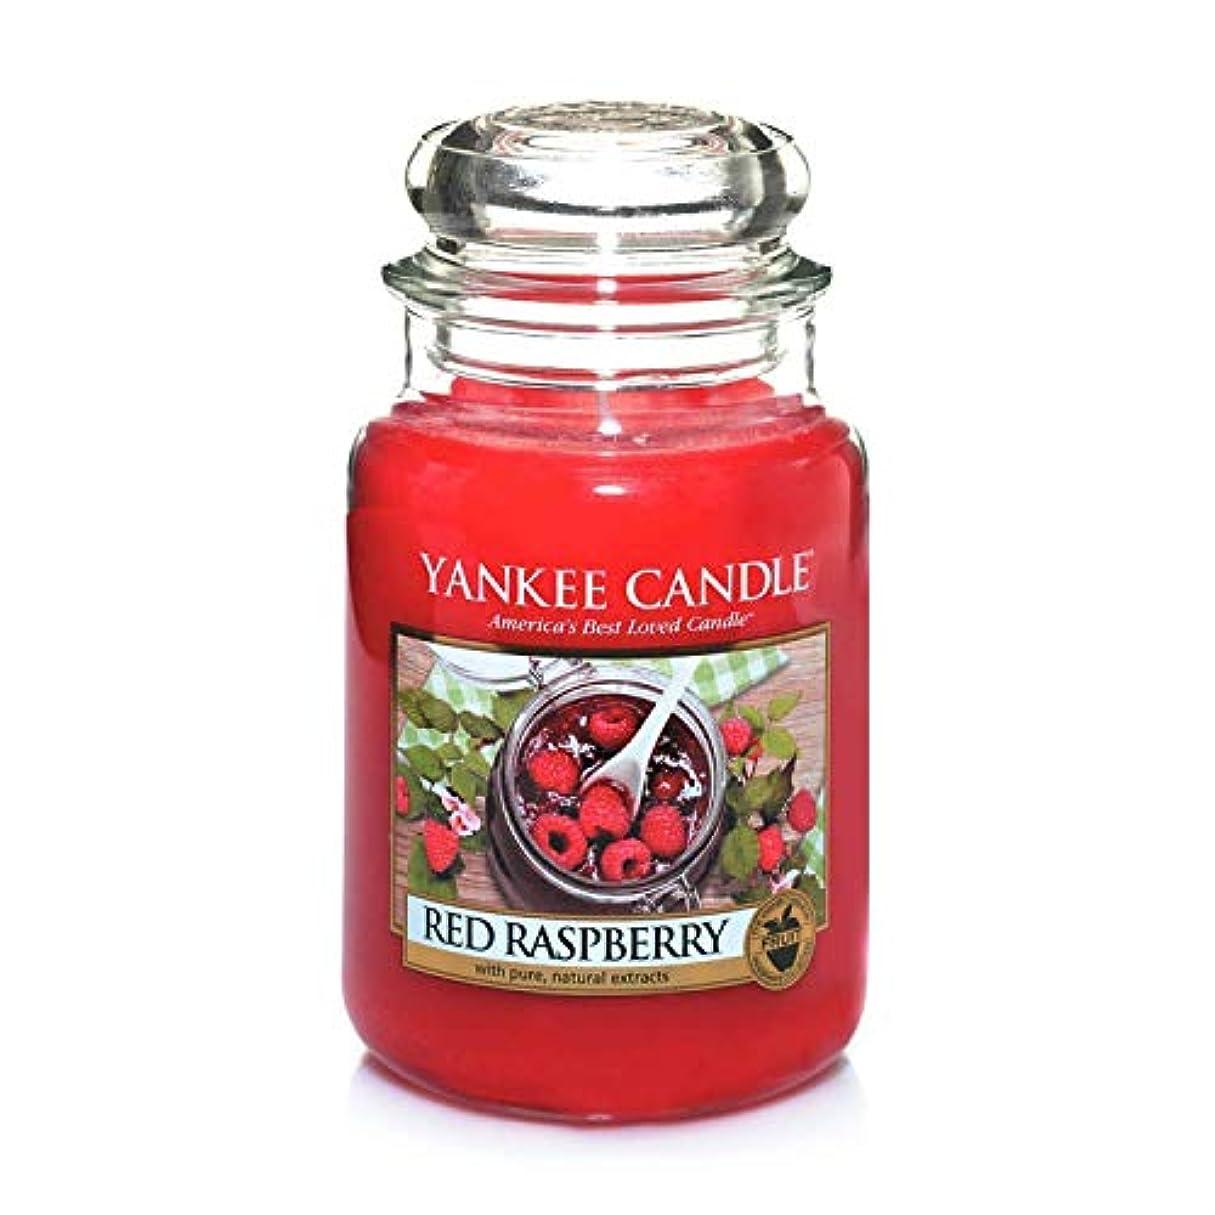 小学生クライアント新聞ACAO エッセンシャルオイルアロマキャンドル、大きなガラスの瓶キャンドルソイワックスキャンドル古典的なスタイル (色 : Red raspberry)